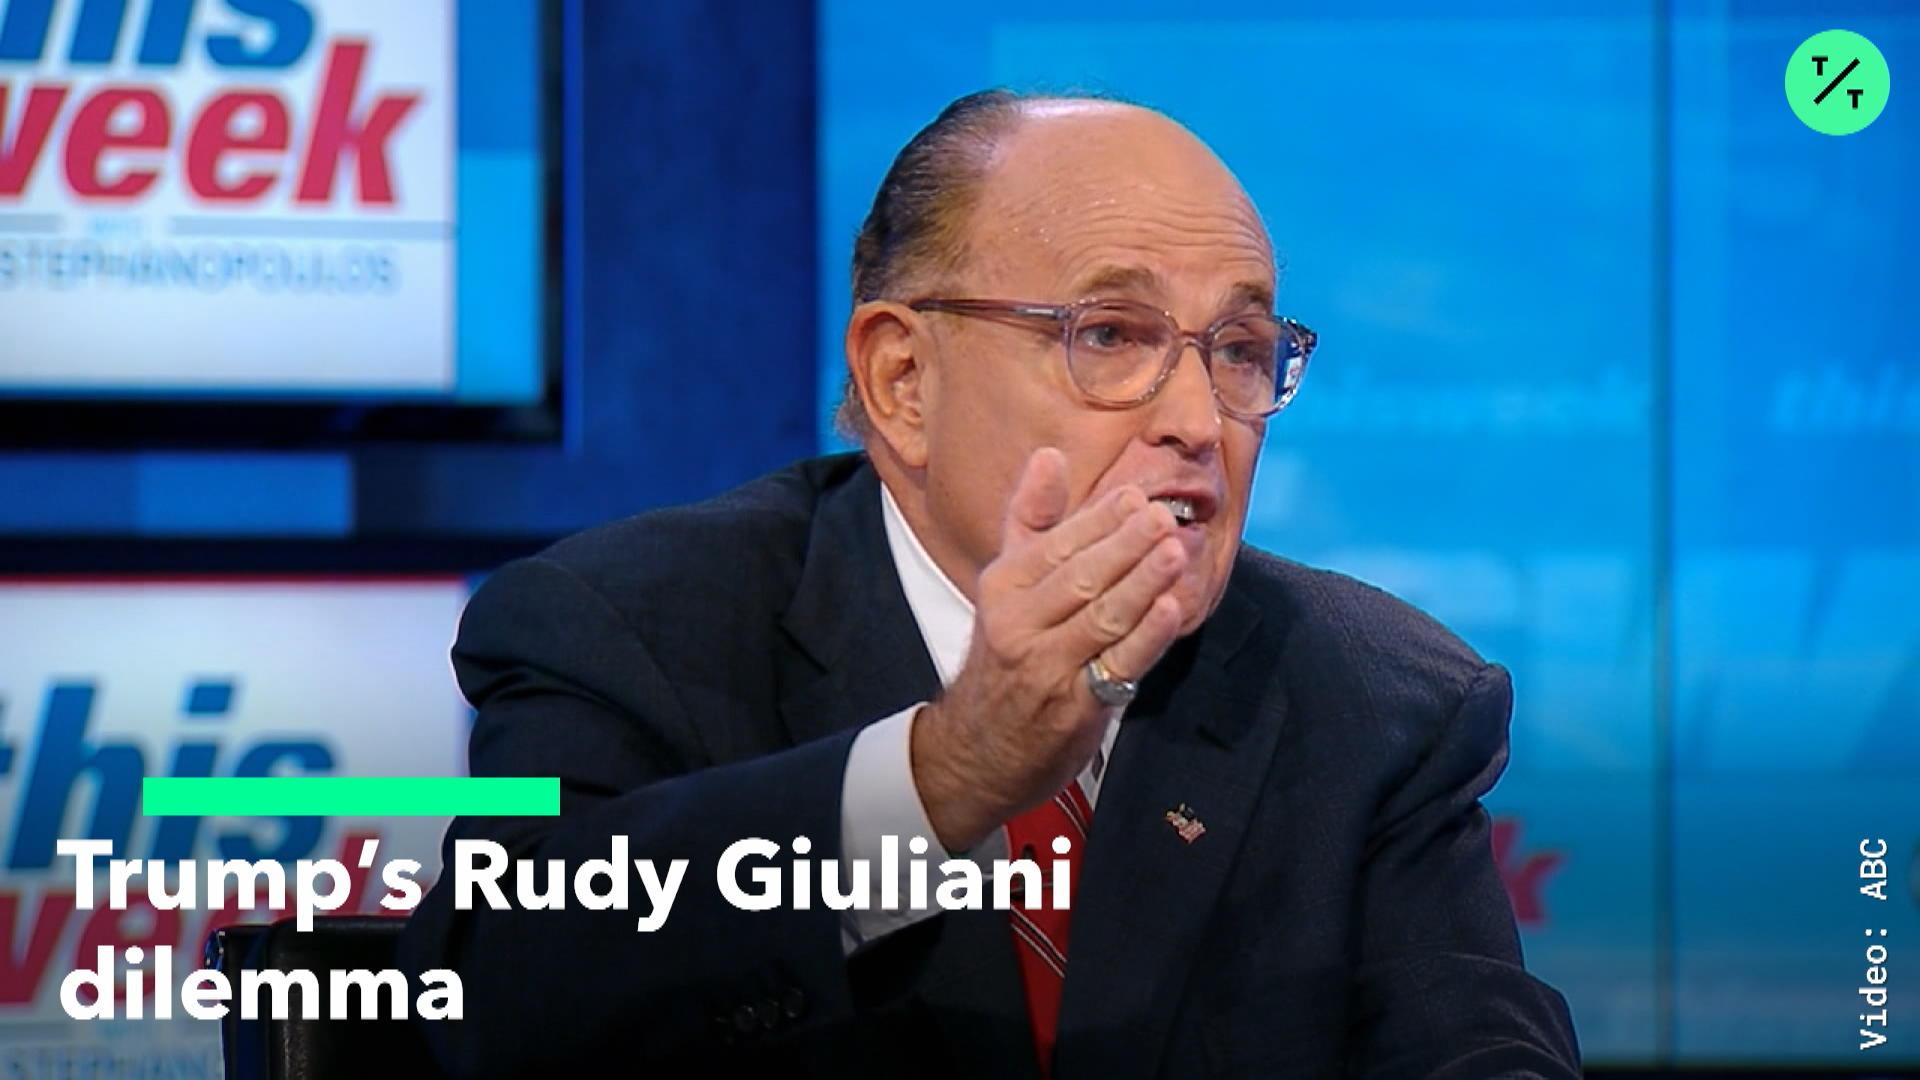 Trump Faces Giuliani Dilemma